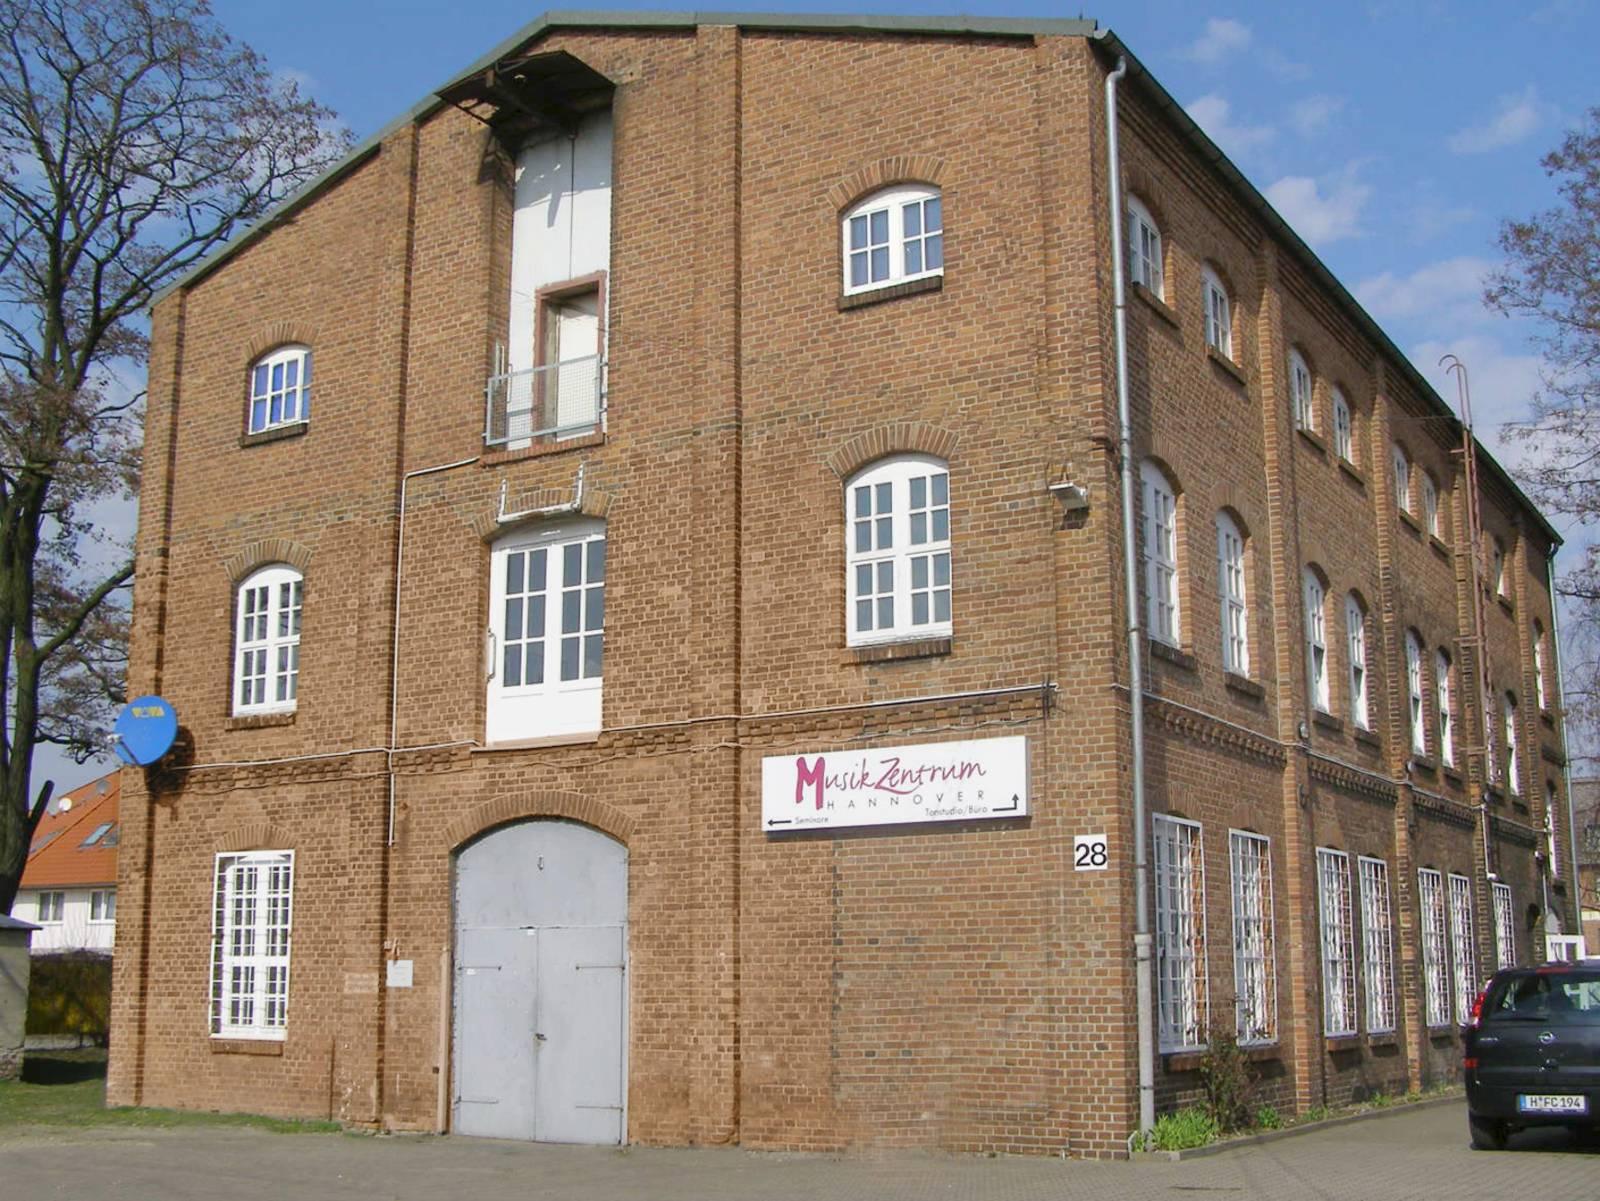 Das MusikZentrum ist ein Veranstaltungszentrum in Hannover.